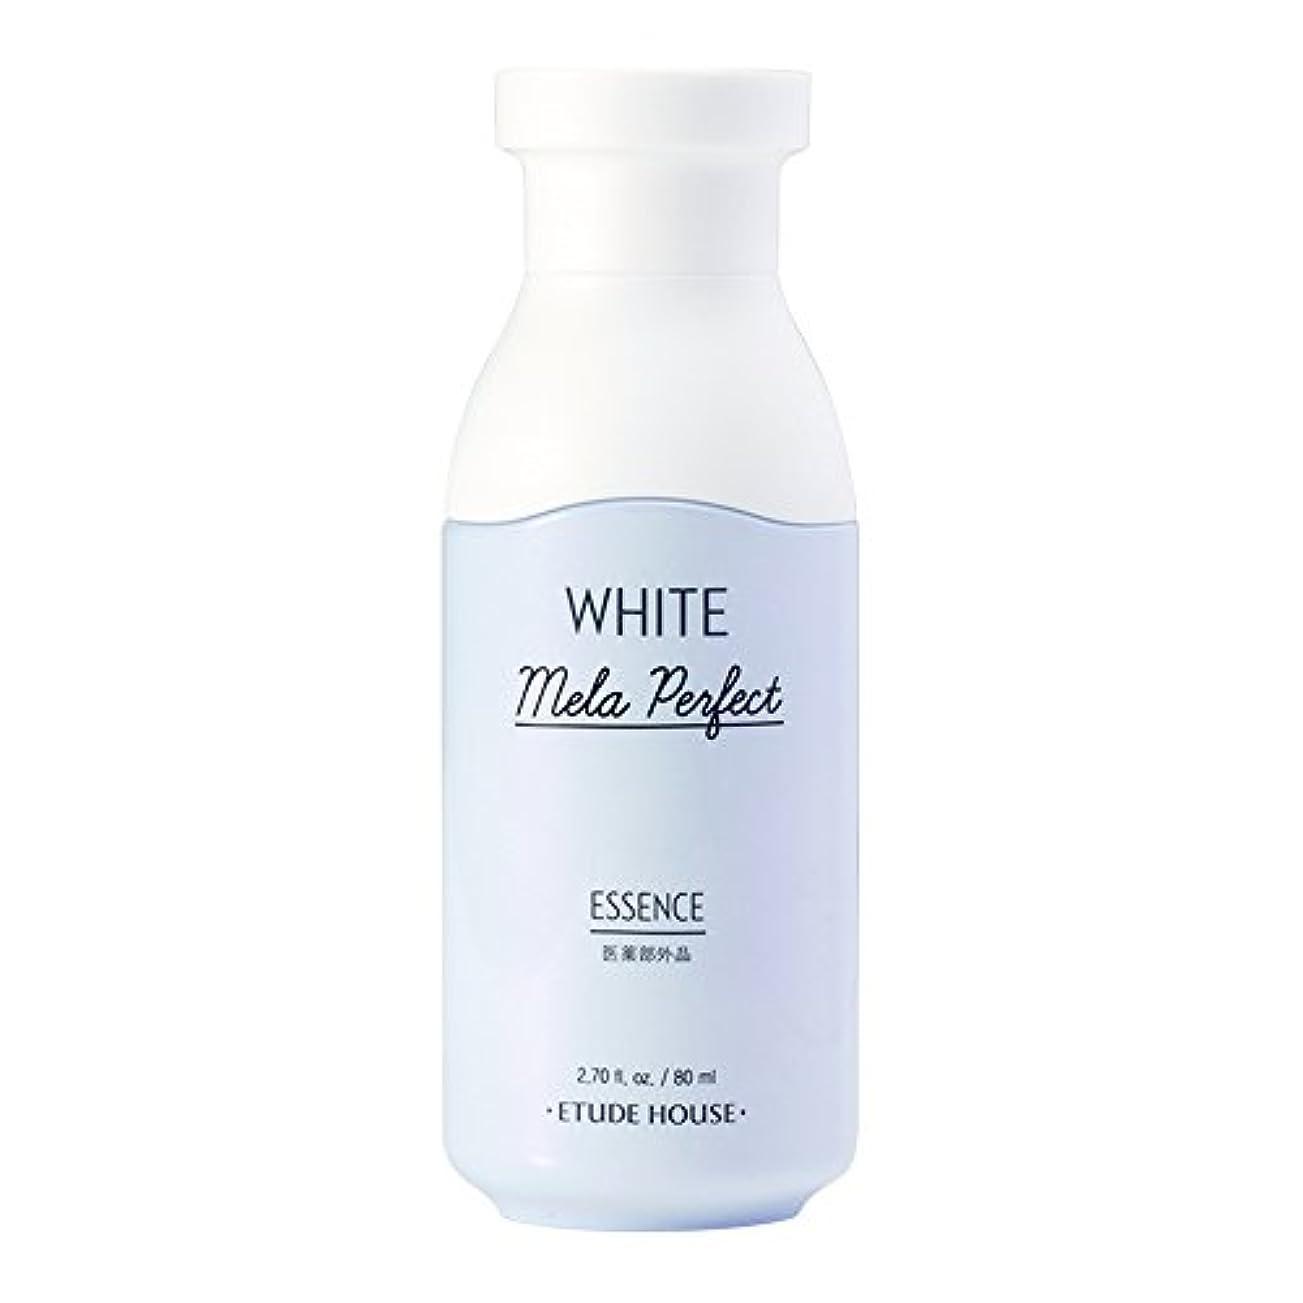 遺棄されたアジア祭司エチュードハウス(ETUDE HOUSE) ホワイトメラパーフェクト エッセンス「美白美容液」